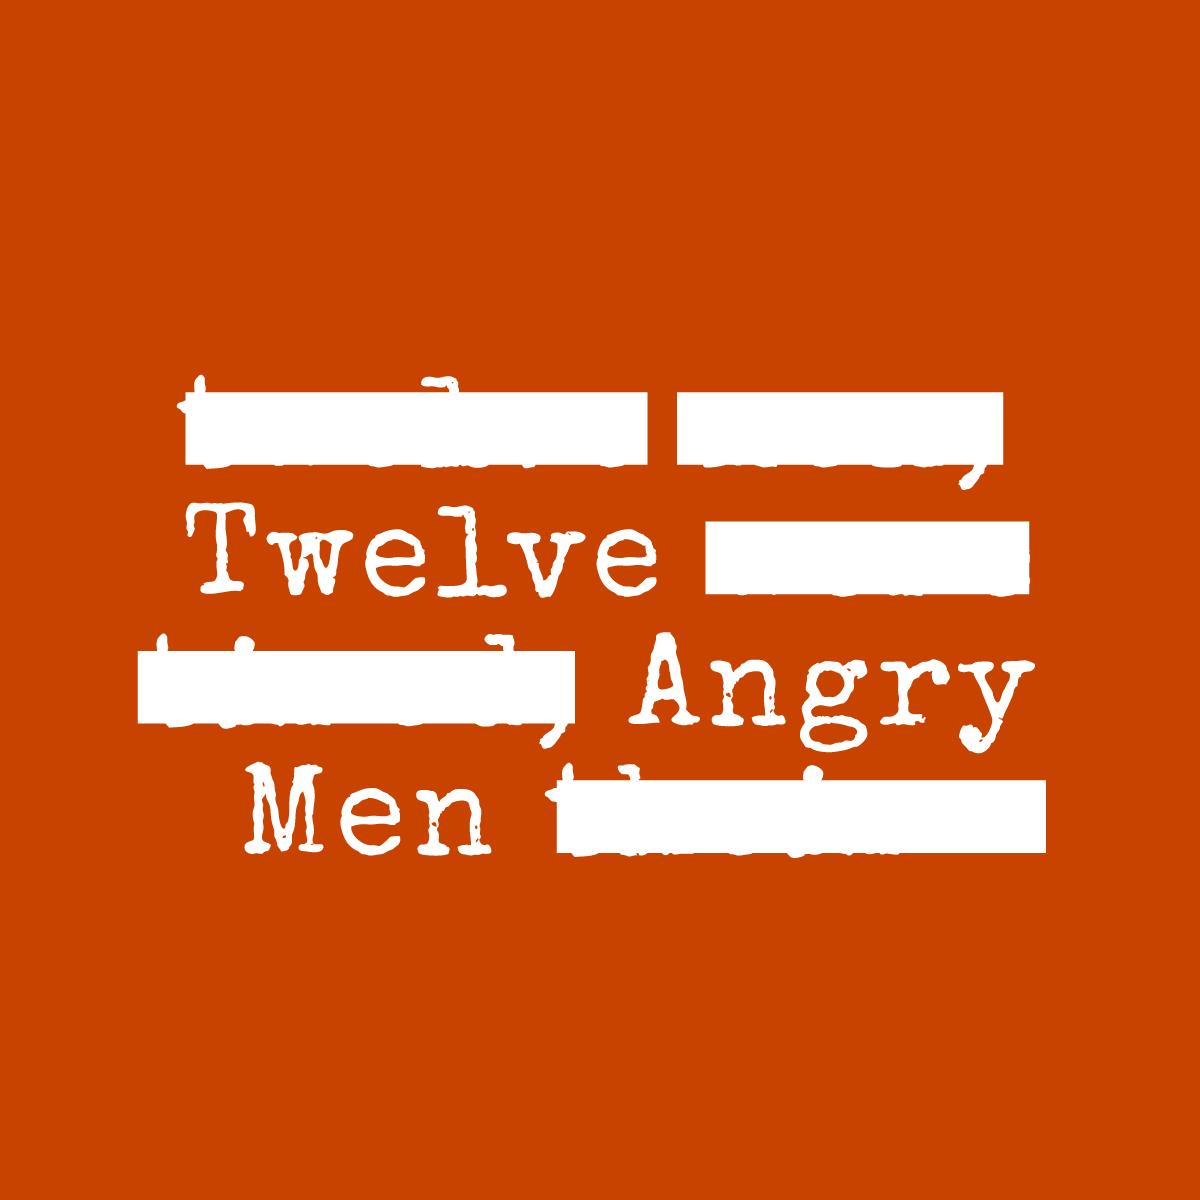 TwelveAngryMen.png